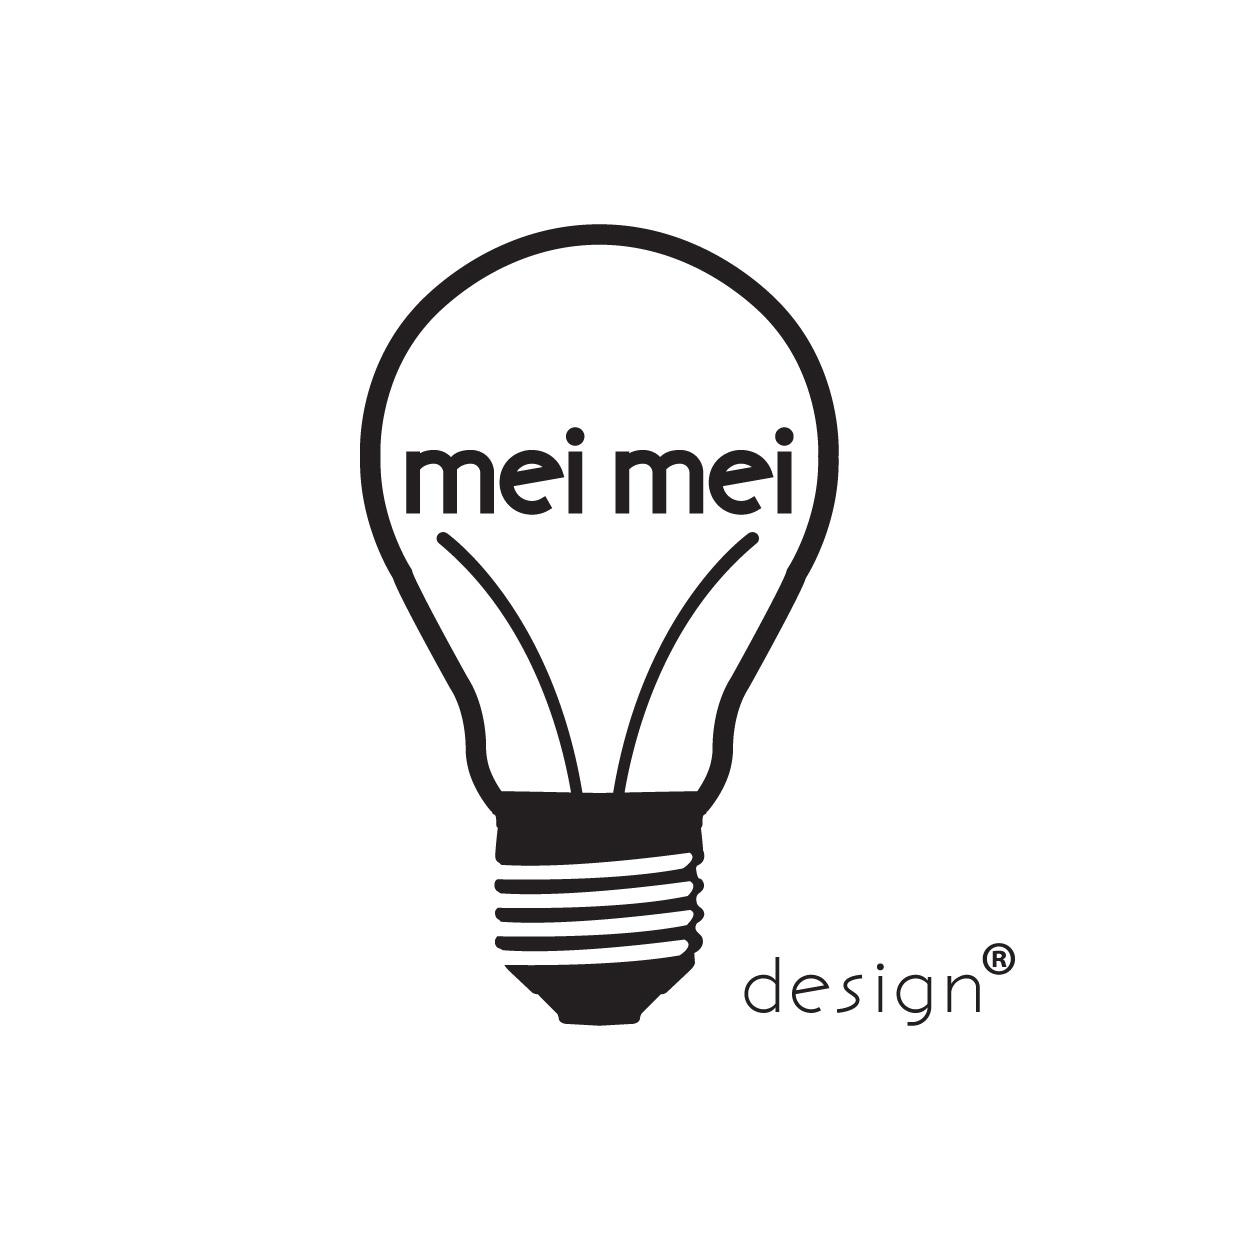 mei mei design